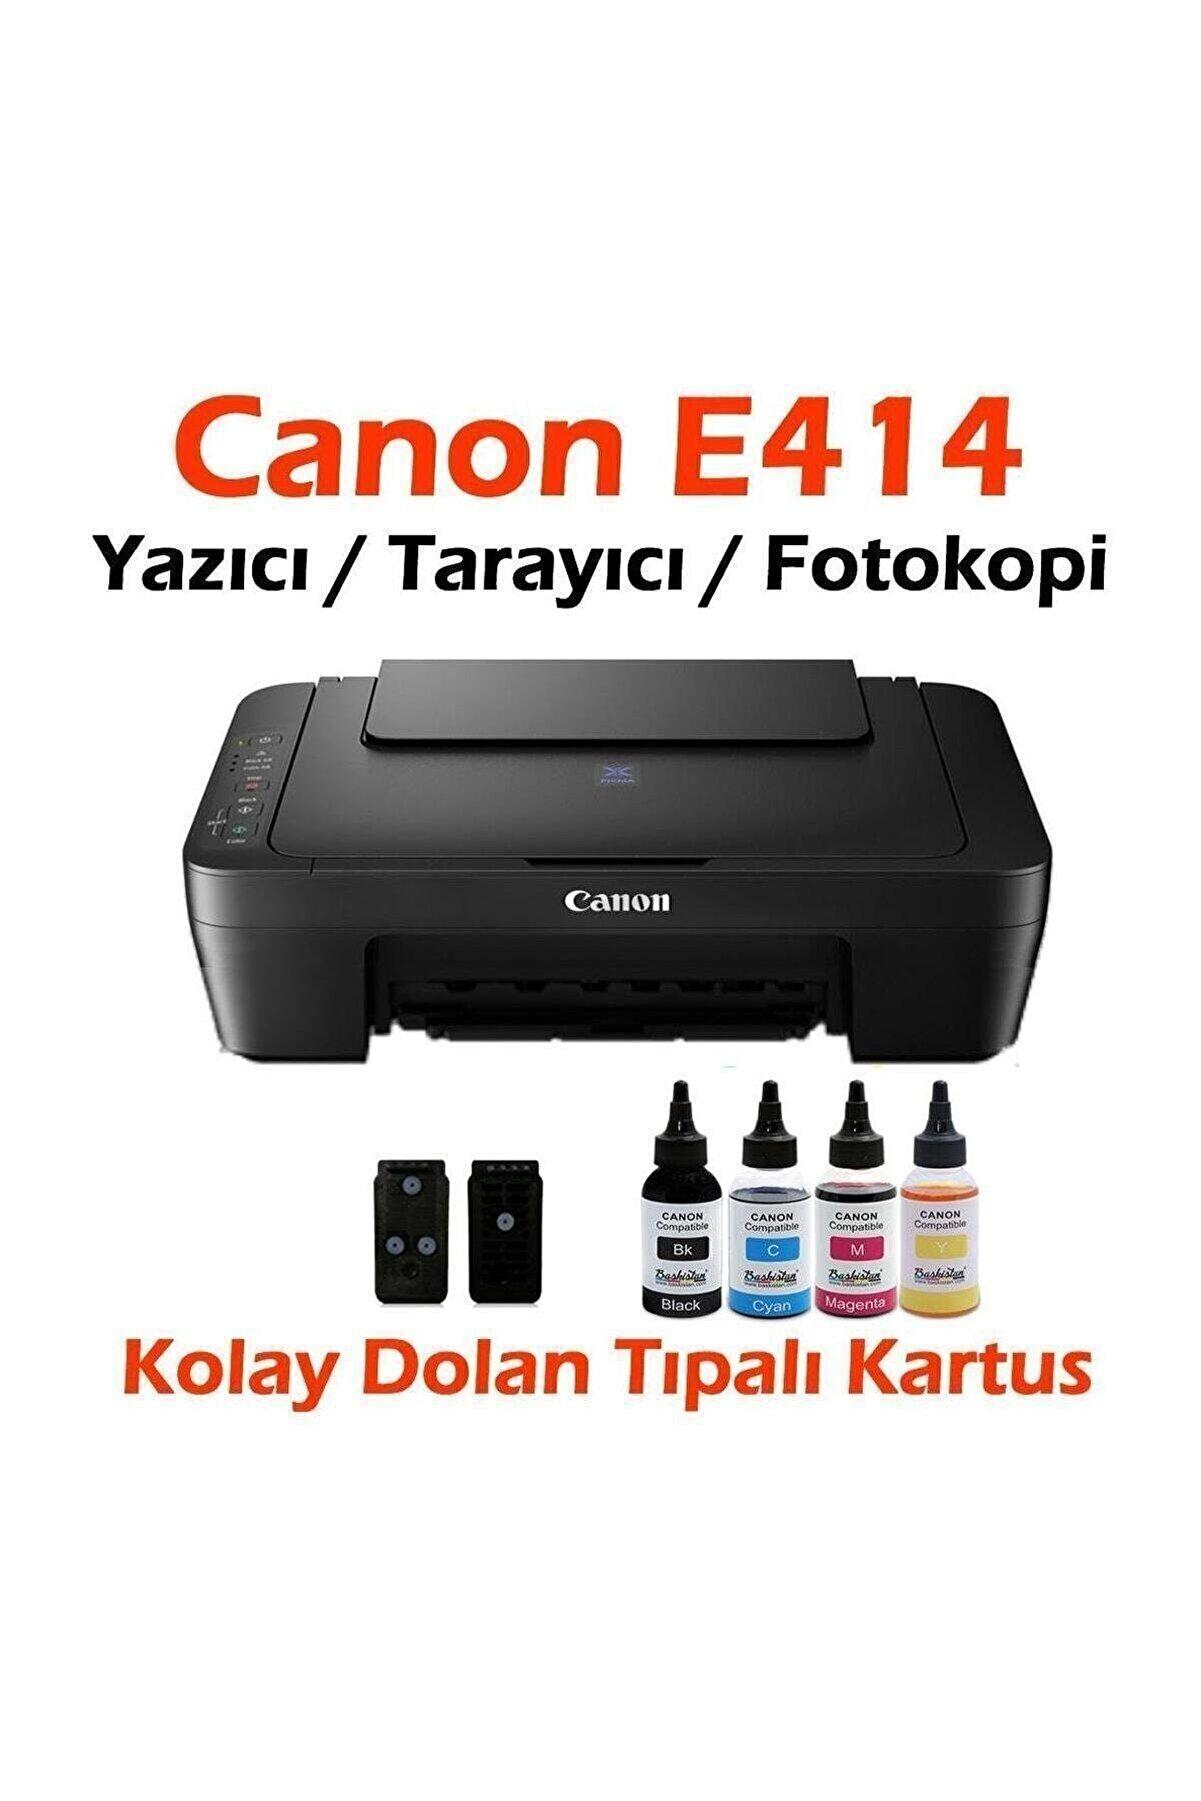 Canon Dolan Kartuşlu E414 Yazıcı / Tarayıcı / Fotokopi